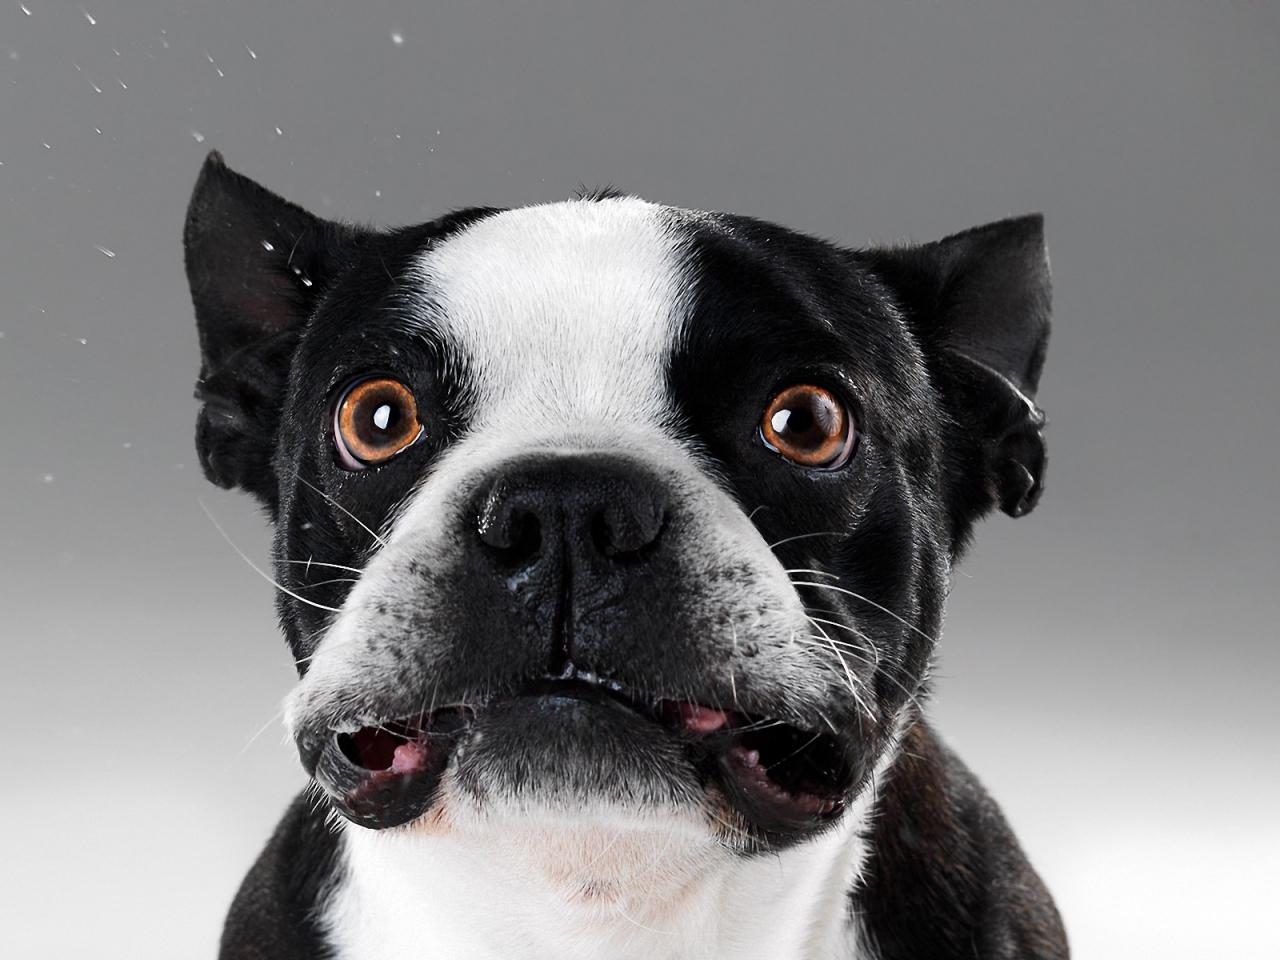 Caras de perros - 1280x960